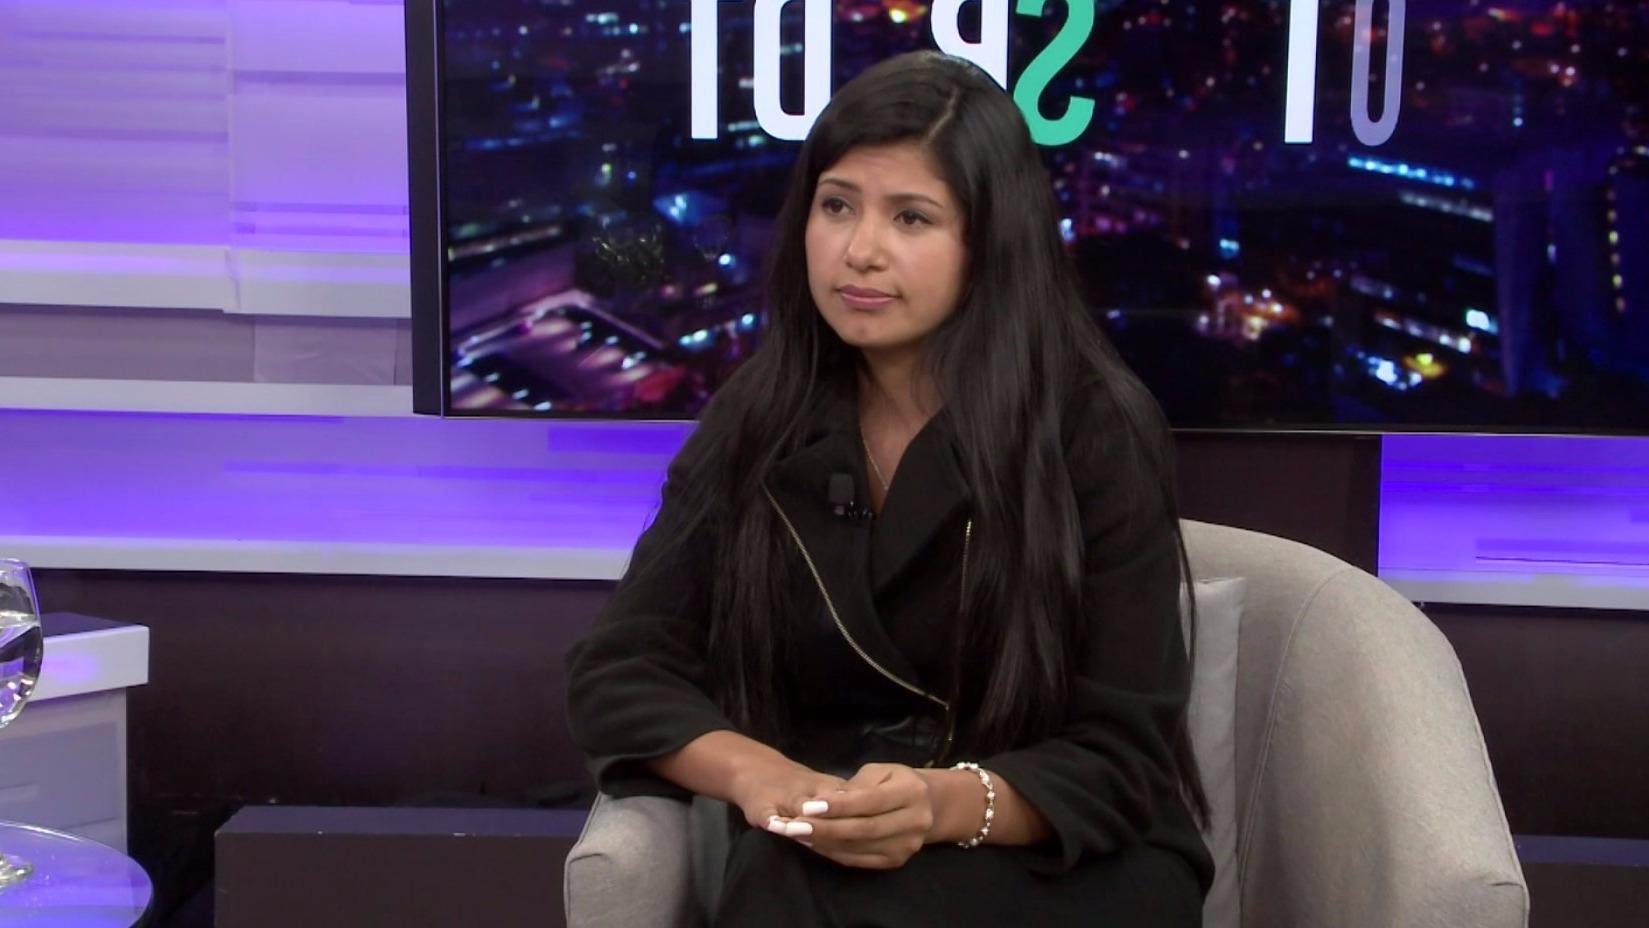 La presidenta de la Federación Peruana de Vóleibol pide que todos los testigos declaren para esclarecer pronto el caso.